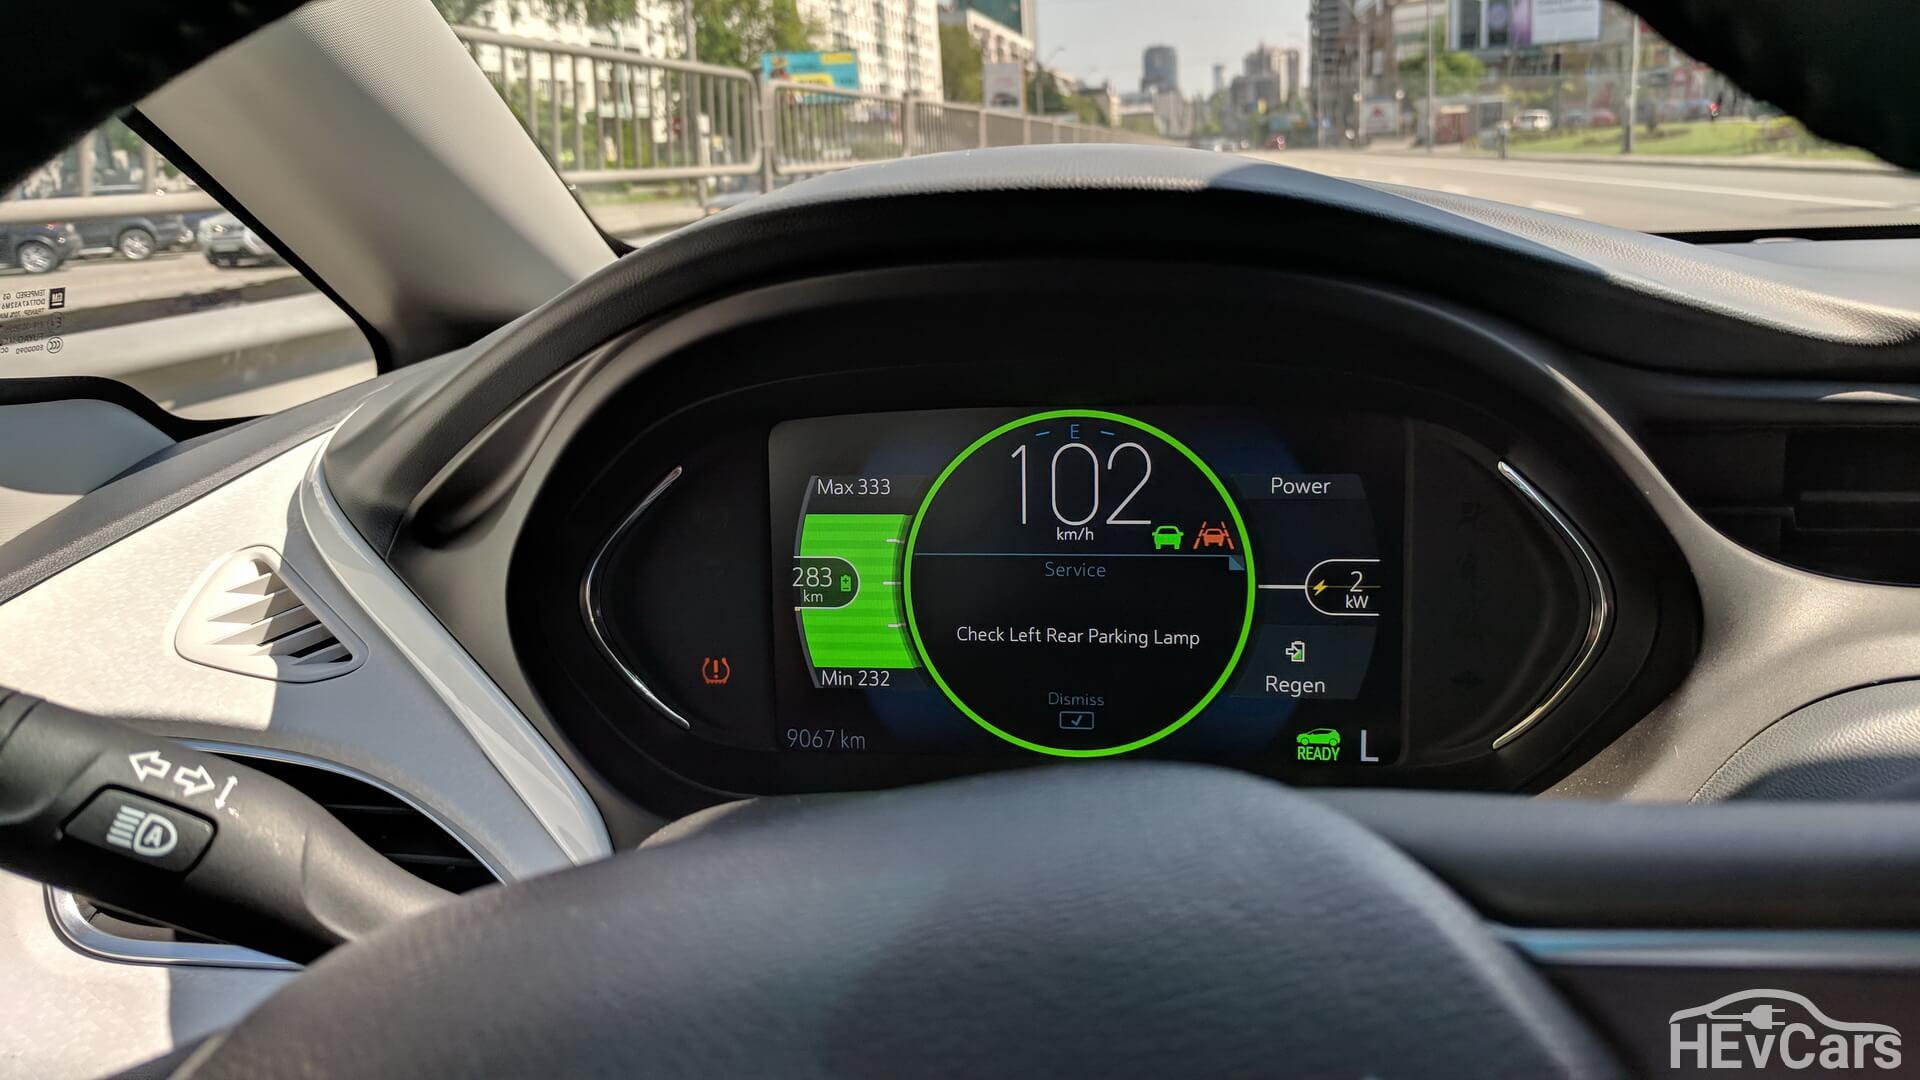 Электронная приборная панель в Chevrolet Bolt (вид отображения можно выбрать)